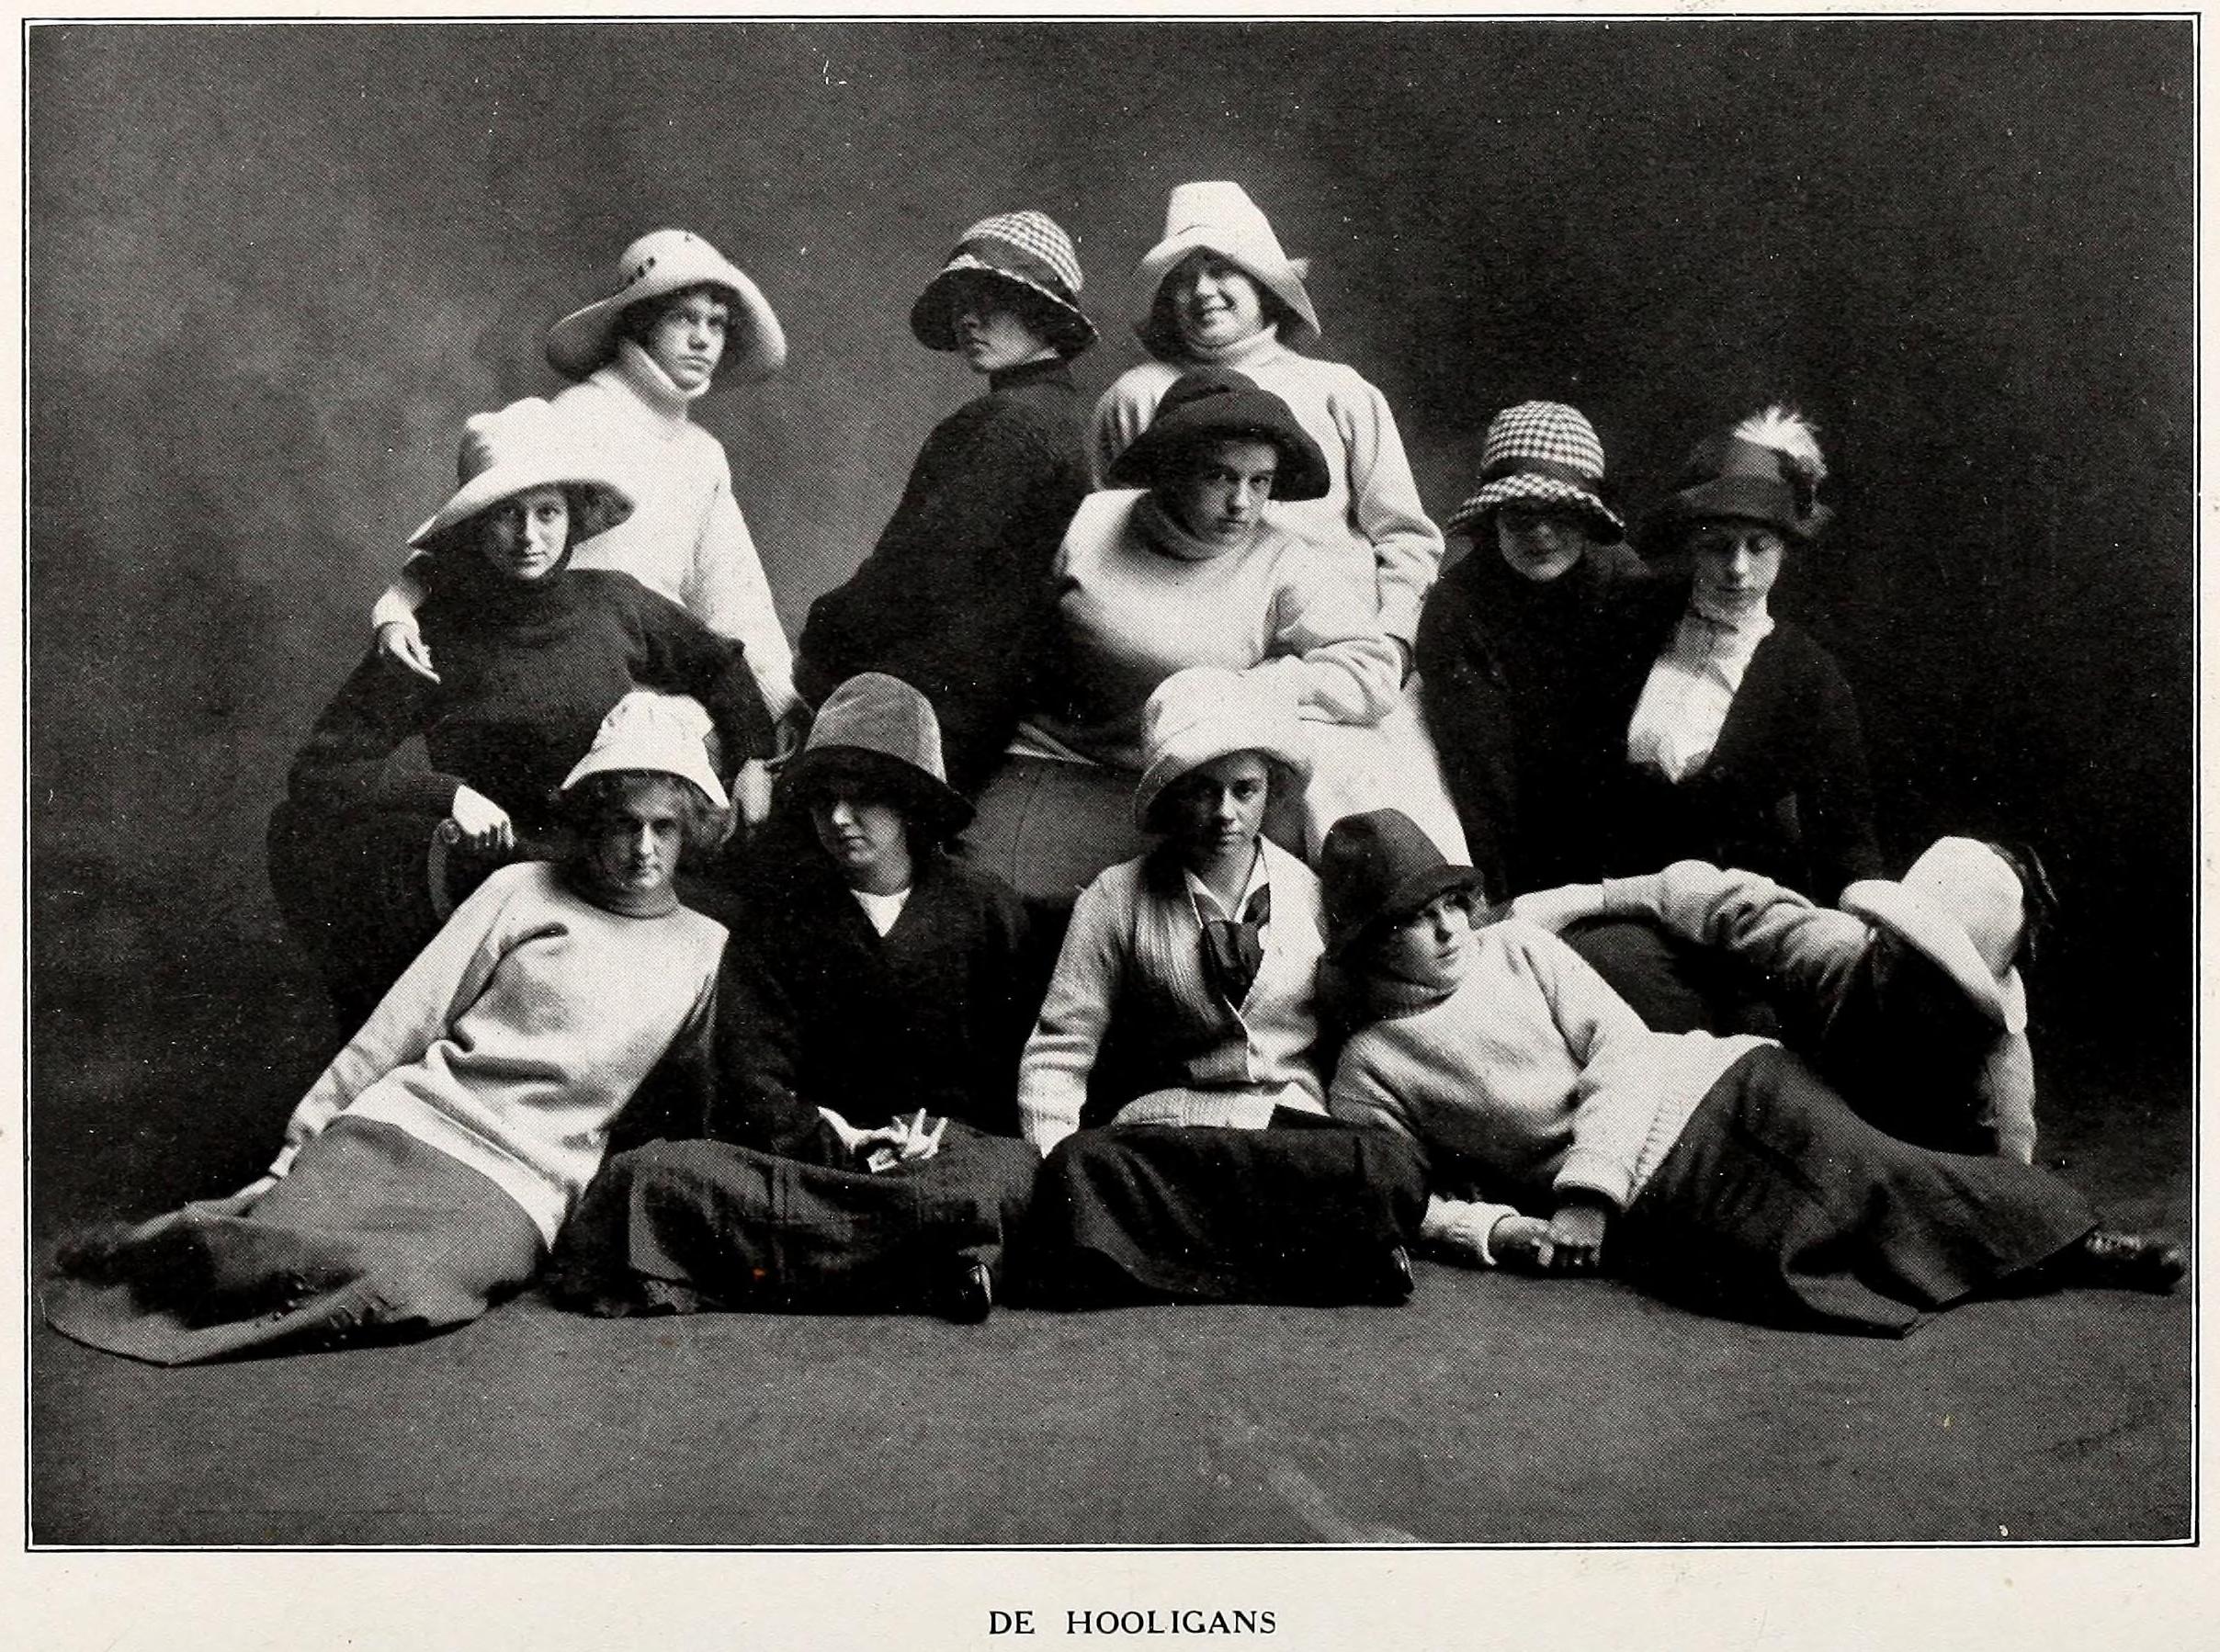 """From the 1912 Elizabeth College Yearbook, """"De Hooligans"""""""